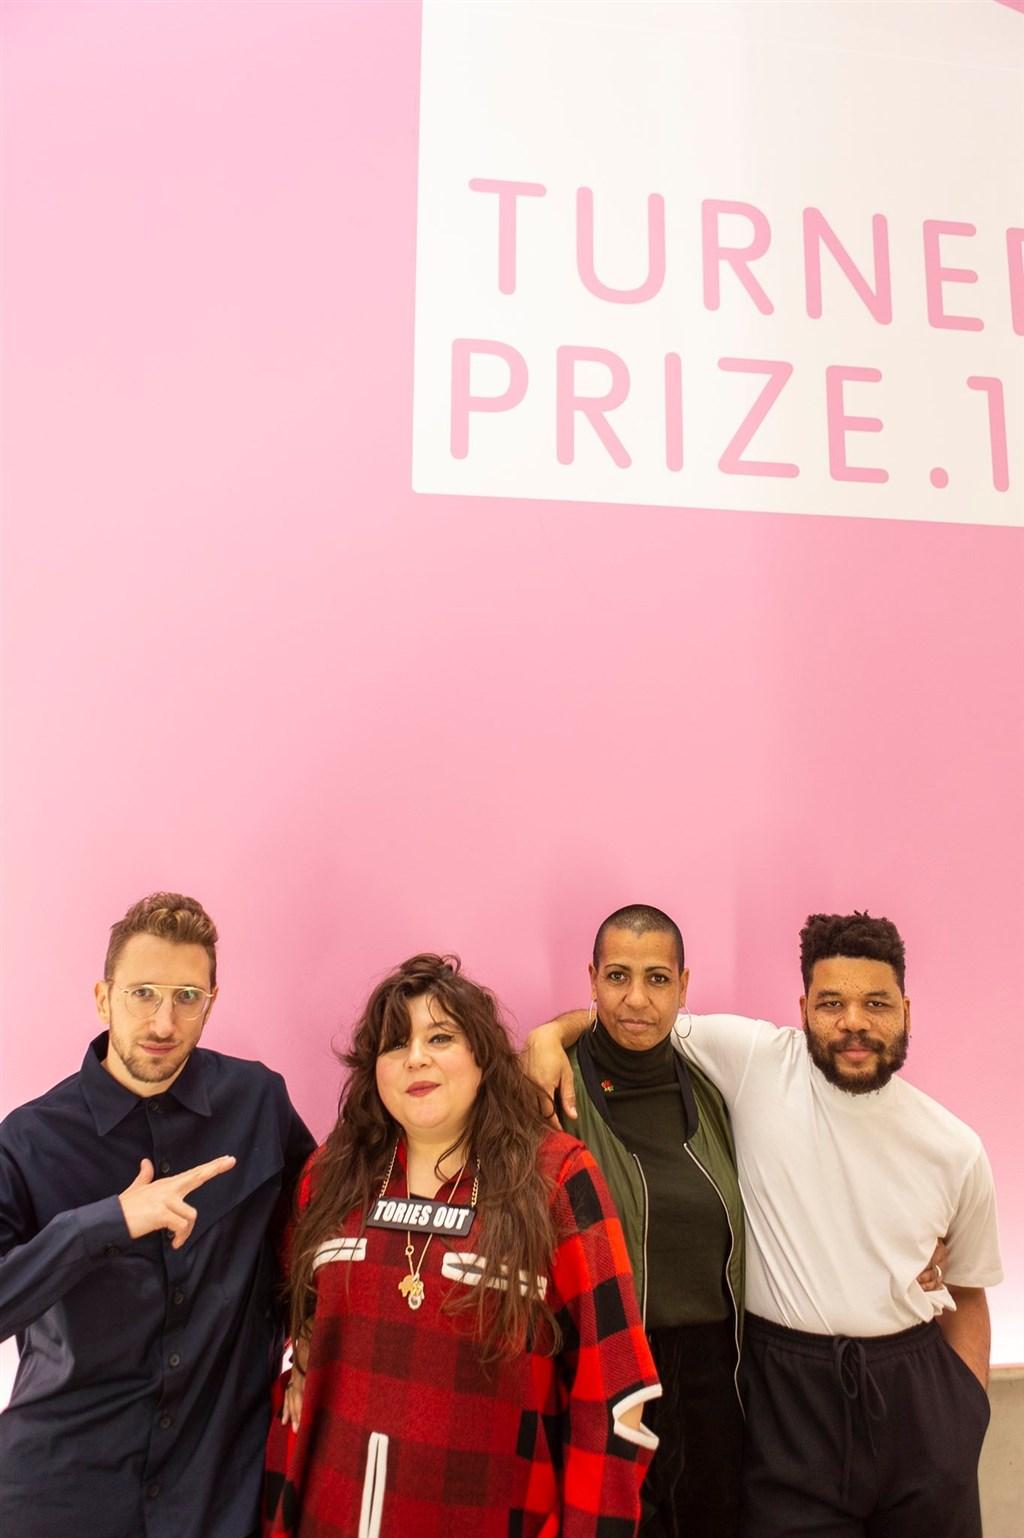 英國當代藝術大獎特納獎順應入圍者要求,首度誕生4名共同獲獎人。左起分別是約旦藝術家哈姆丹、 英國藝術家沙尼、凱莫克和哥倫比亞藝術家穆利優。(圖取自twitter.com/TCMargate)